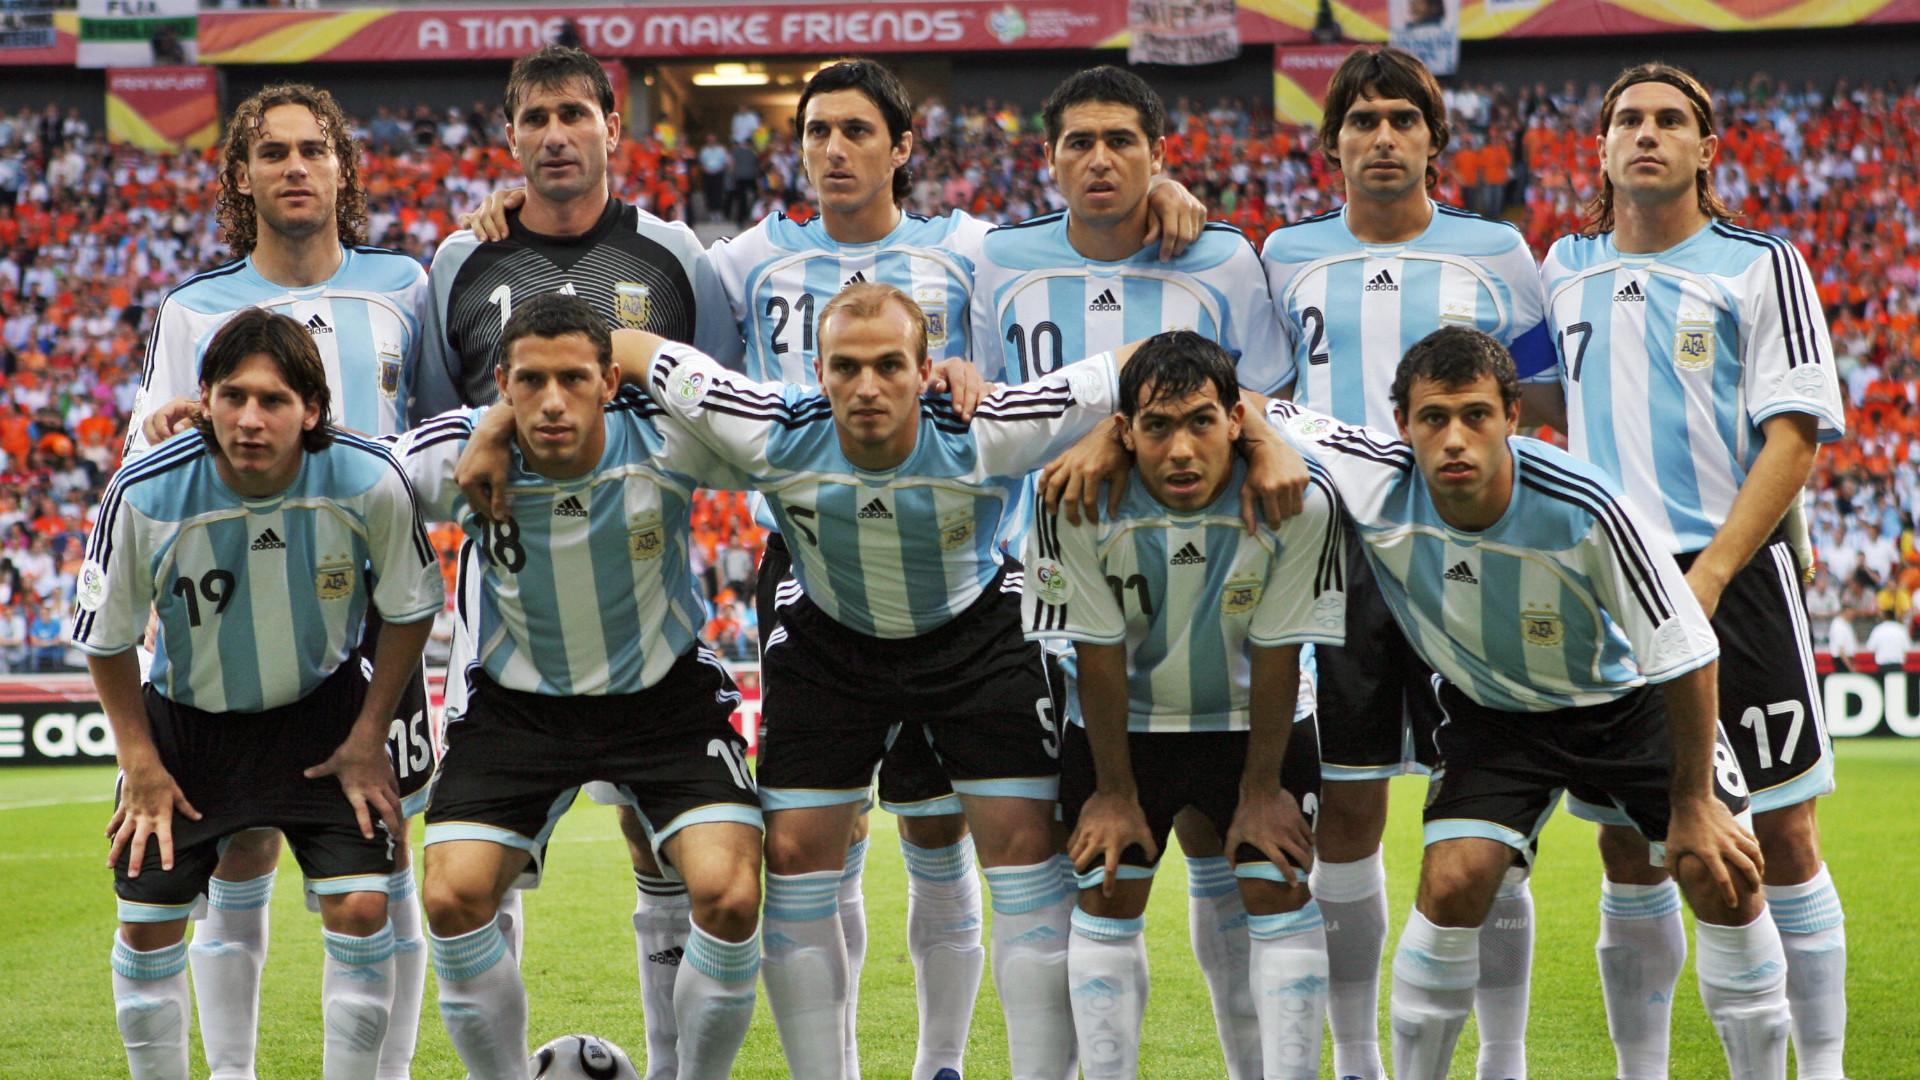 Lionel Messi Juan Roman Riquelme Argentina